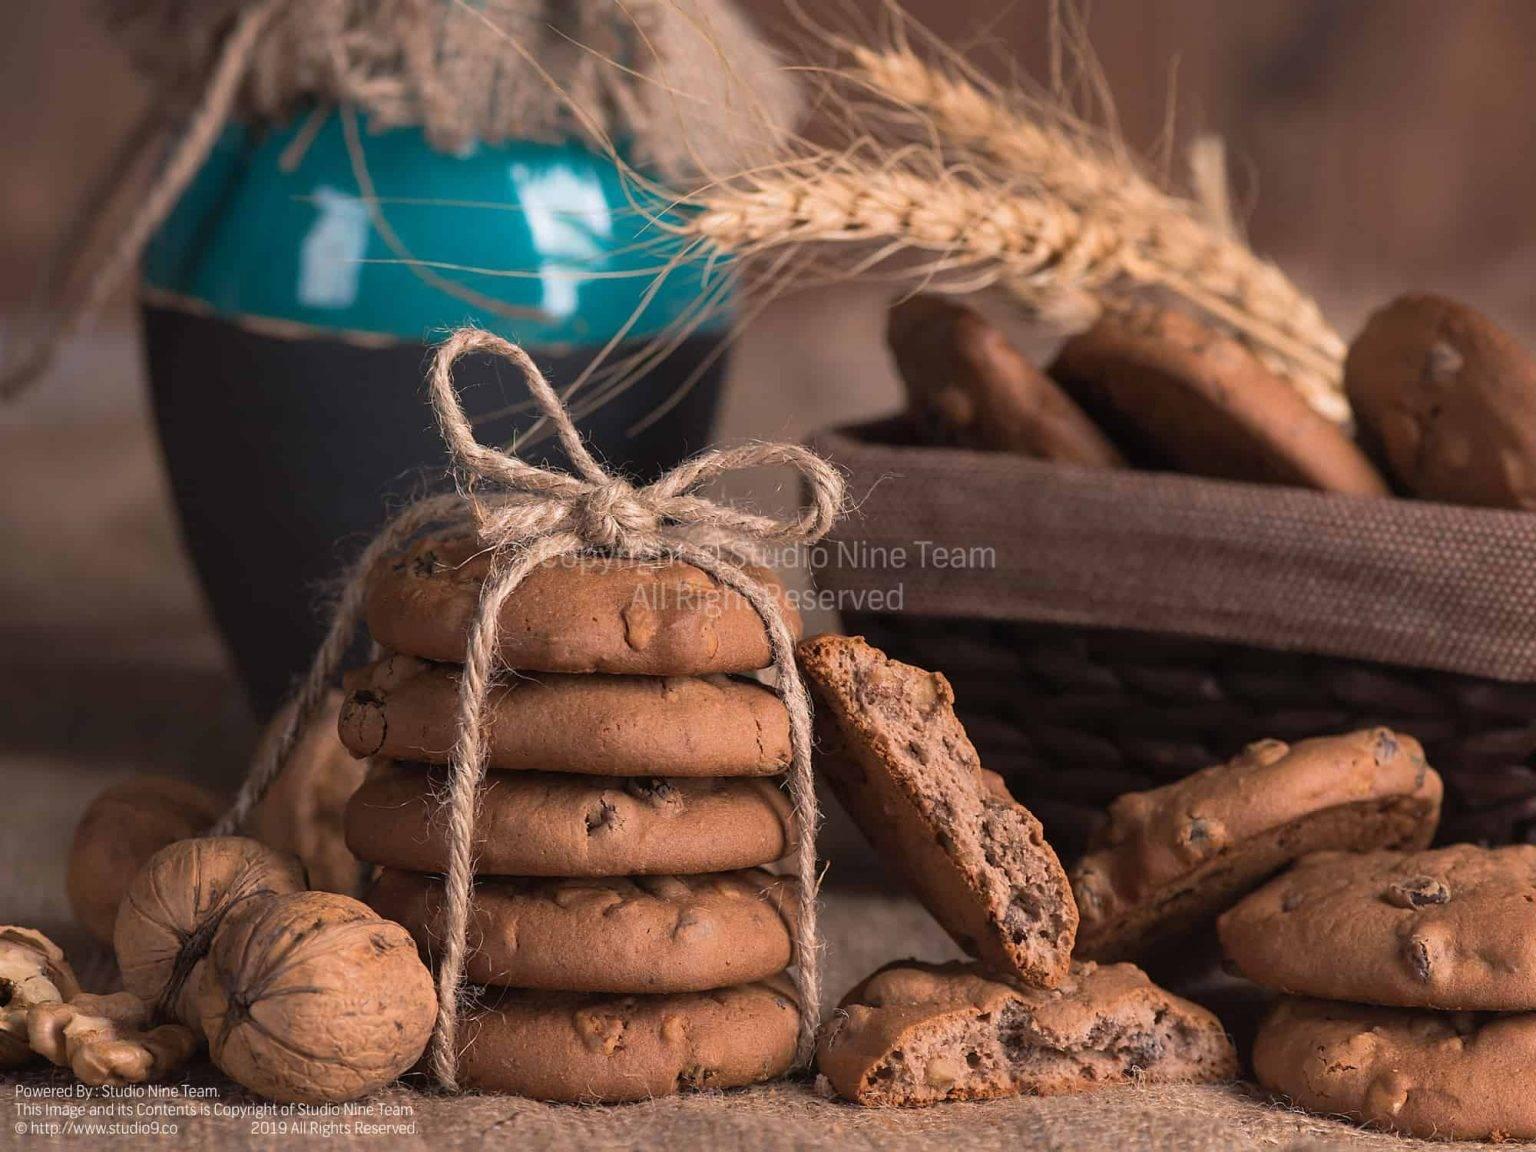 عکس دکوراتیو غذایی | تعرفه عکاسی دکوراتیو غذایی | عکاسی صنعتی | عکاسی تبلیغاتی | لیست قیمت عکاسی دکوراتیو غذایی